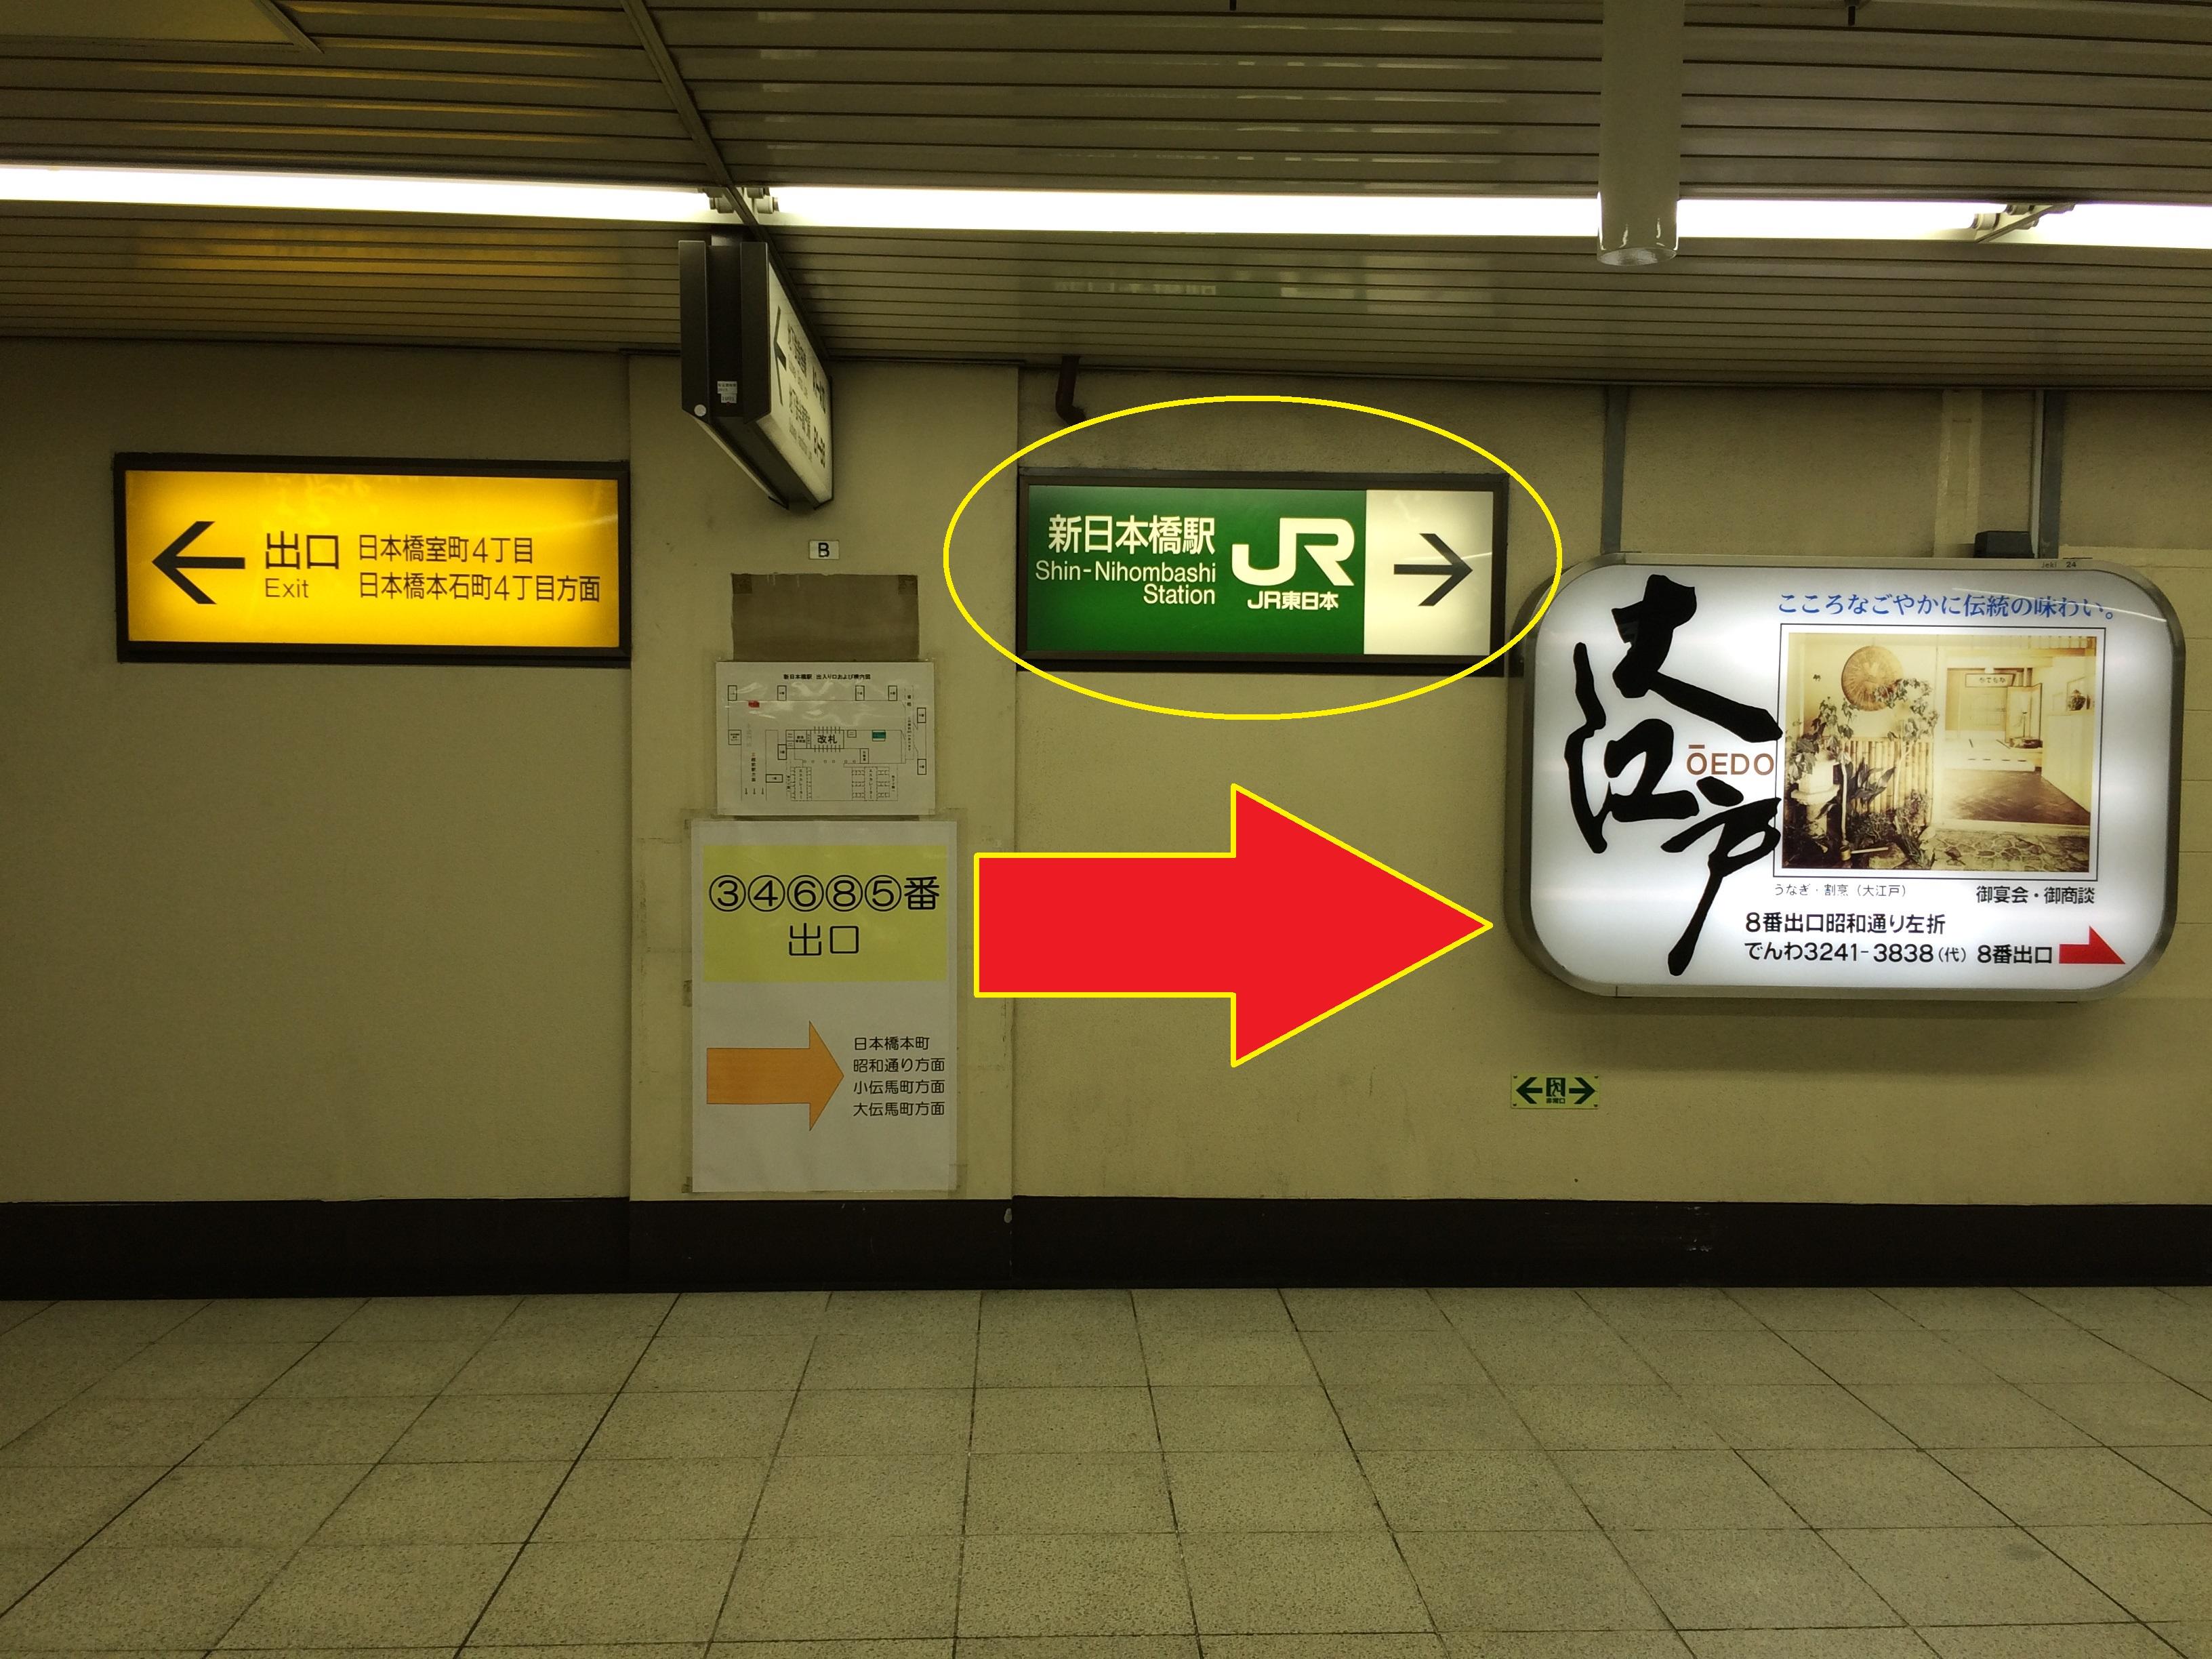 https://shop.oaland.jp/nihonbashi/wp-content/uploads/sites/15/2014/10/58-2.jpg